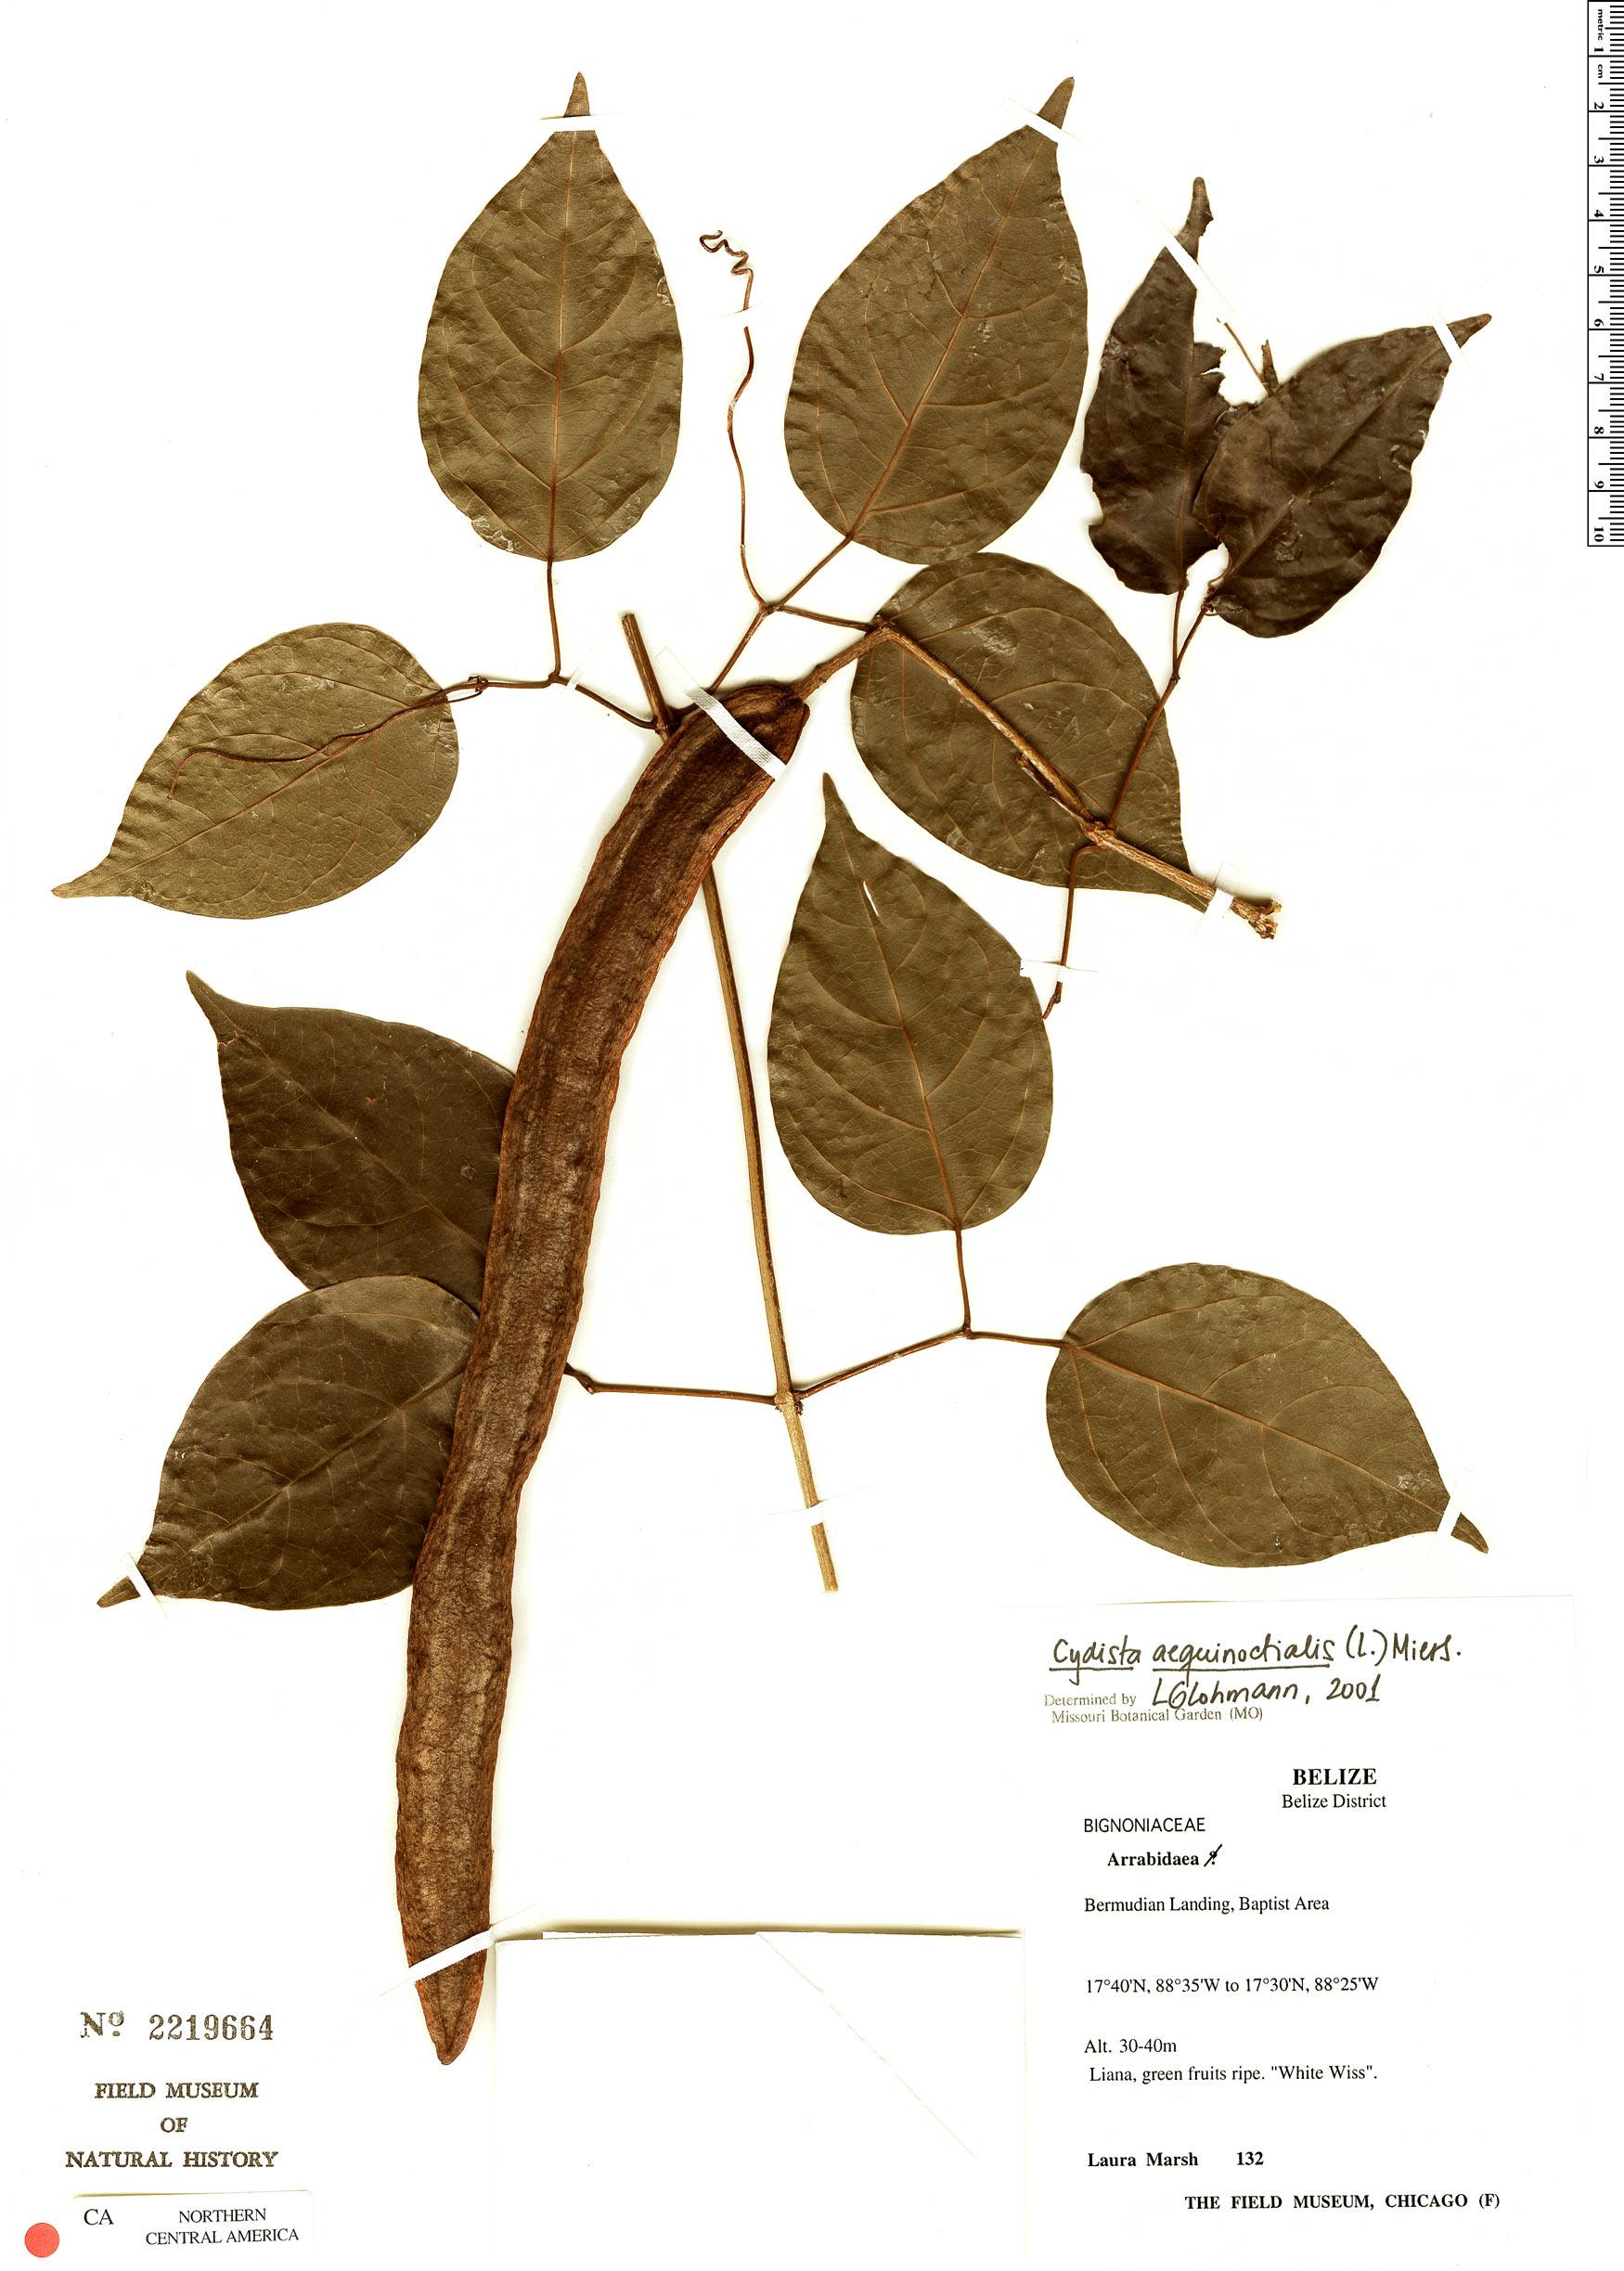 Espécime: Bignonia aequinoctialis